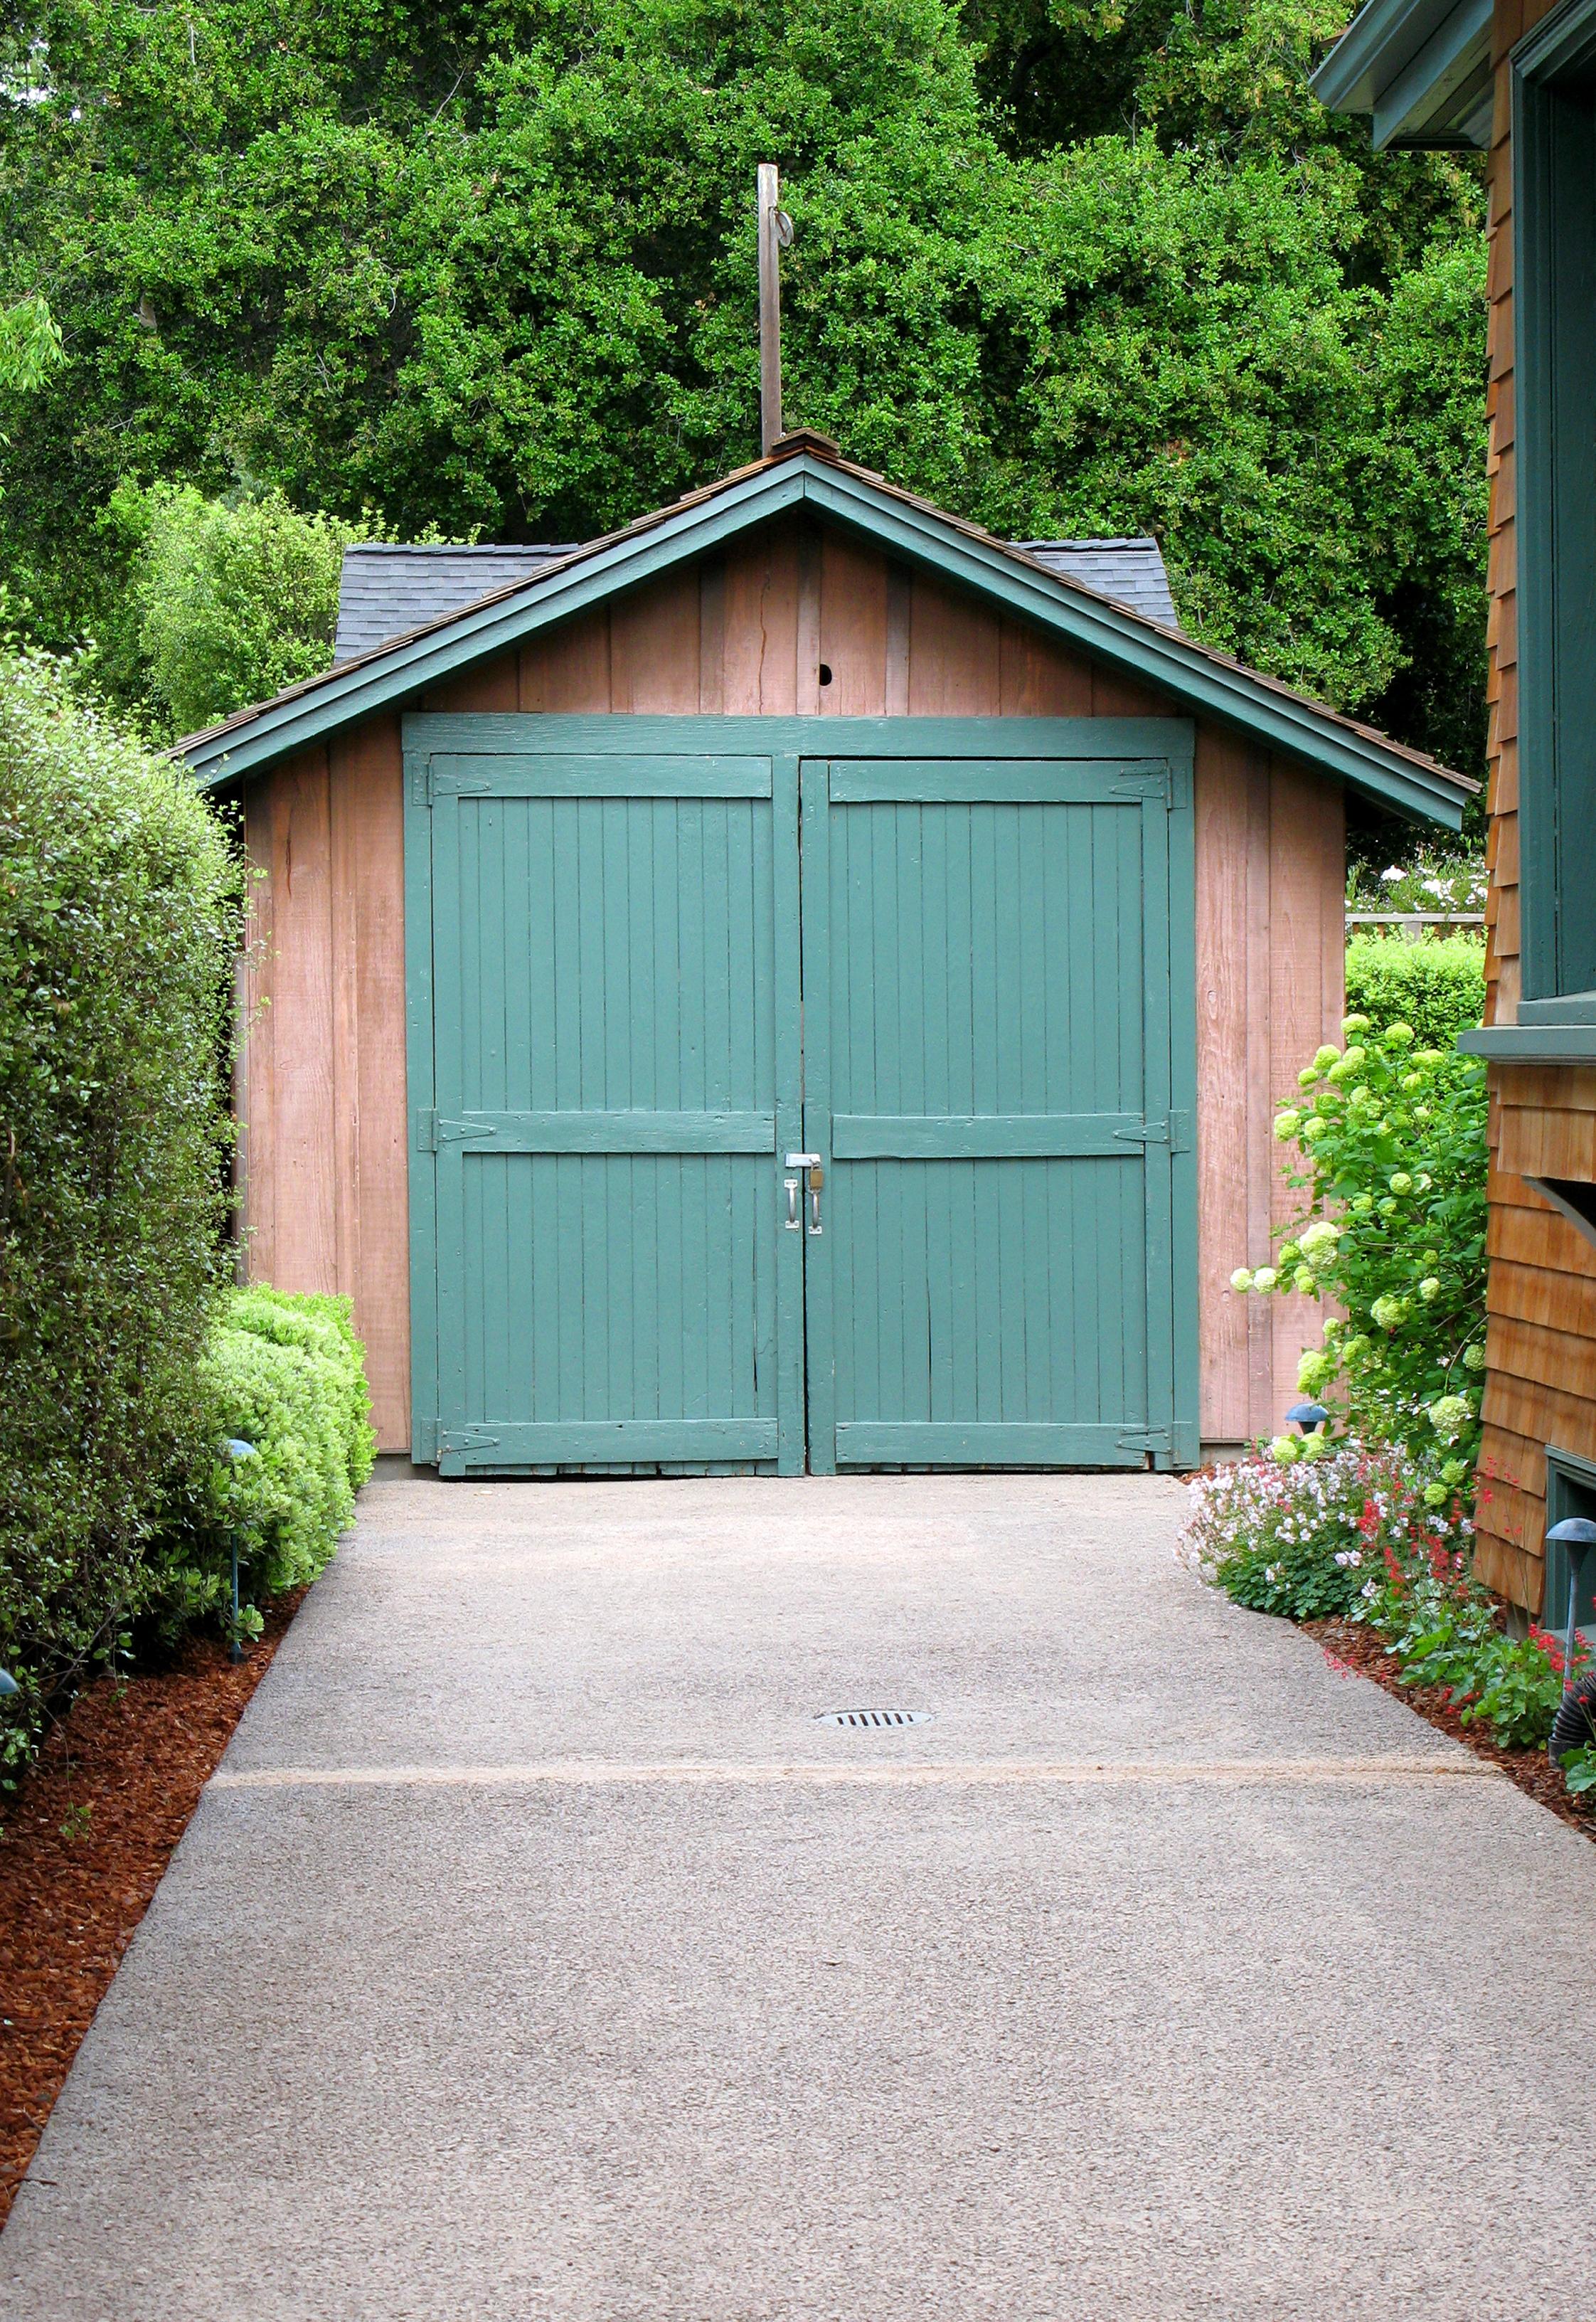 File:The HP garage in Palo Alto, California, April 2009 ...